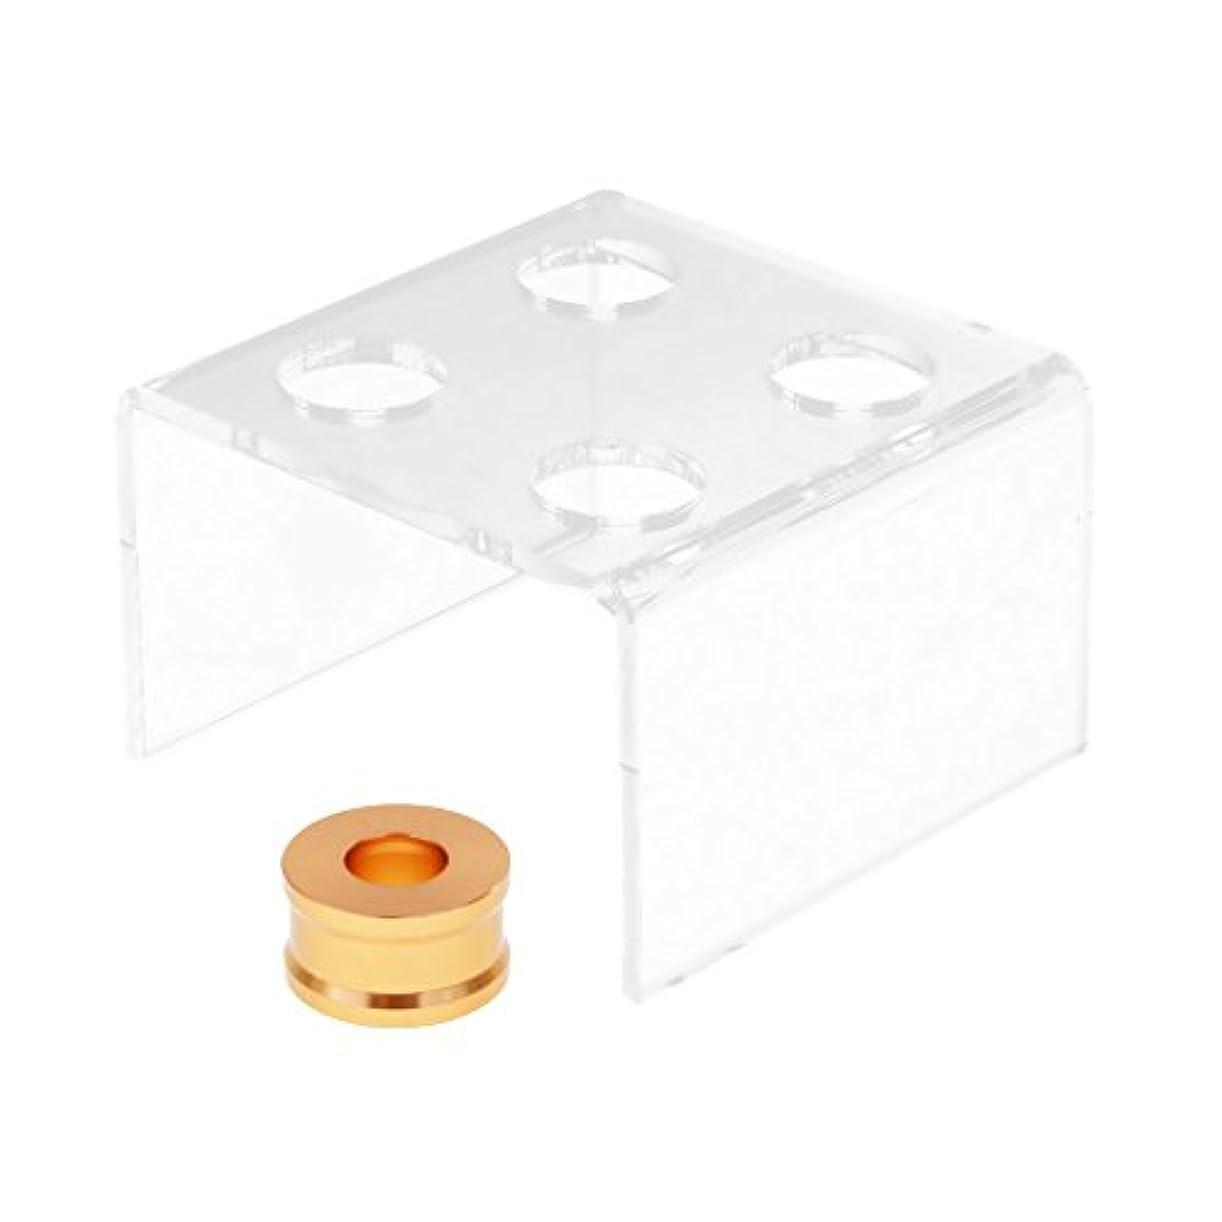 不確実ケージそのような12.1mmチューブ スタンドと口紅の型リング リップクリーム DIY 金型 メイクアップツール